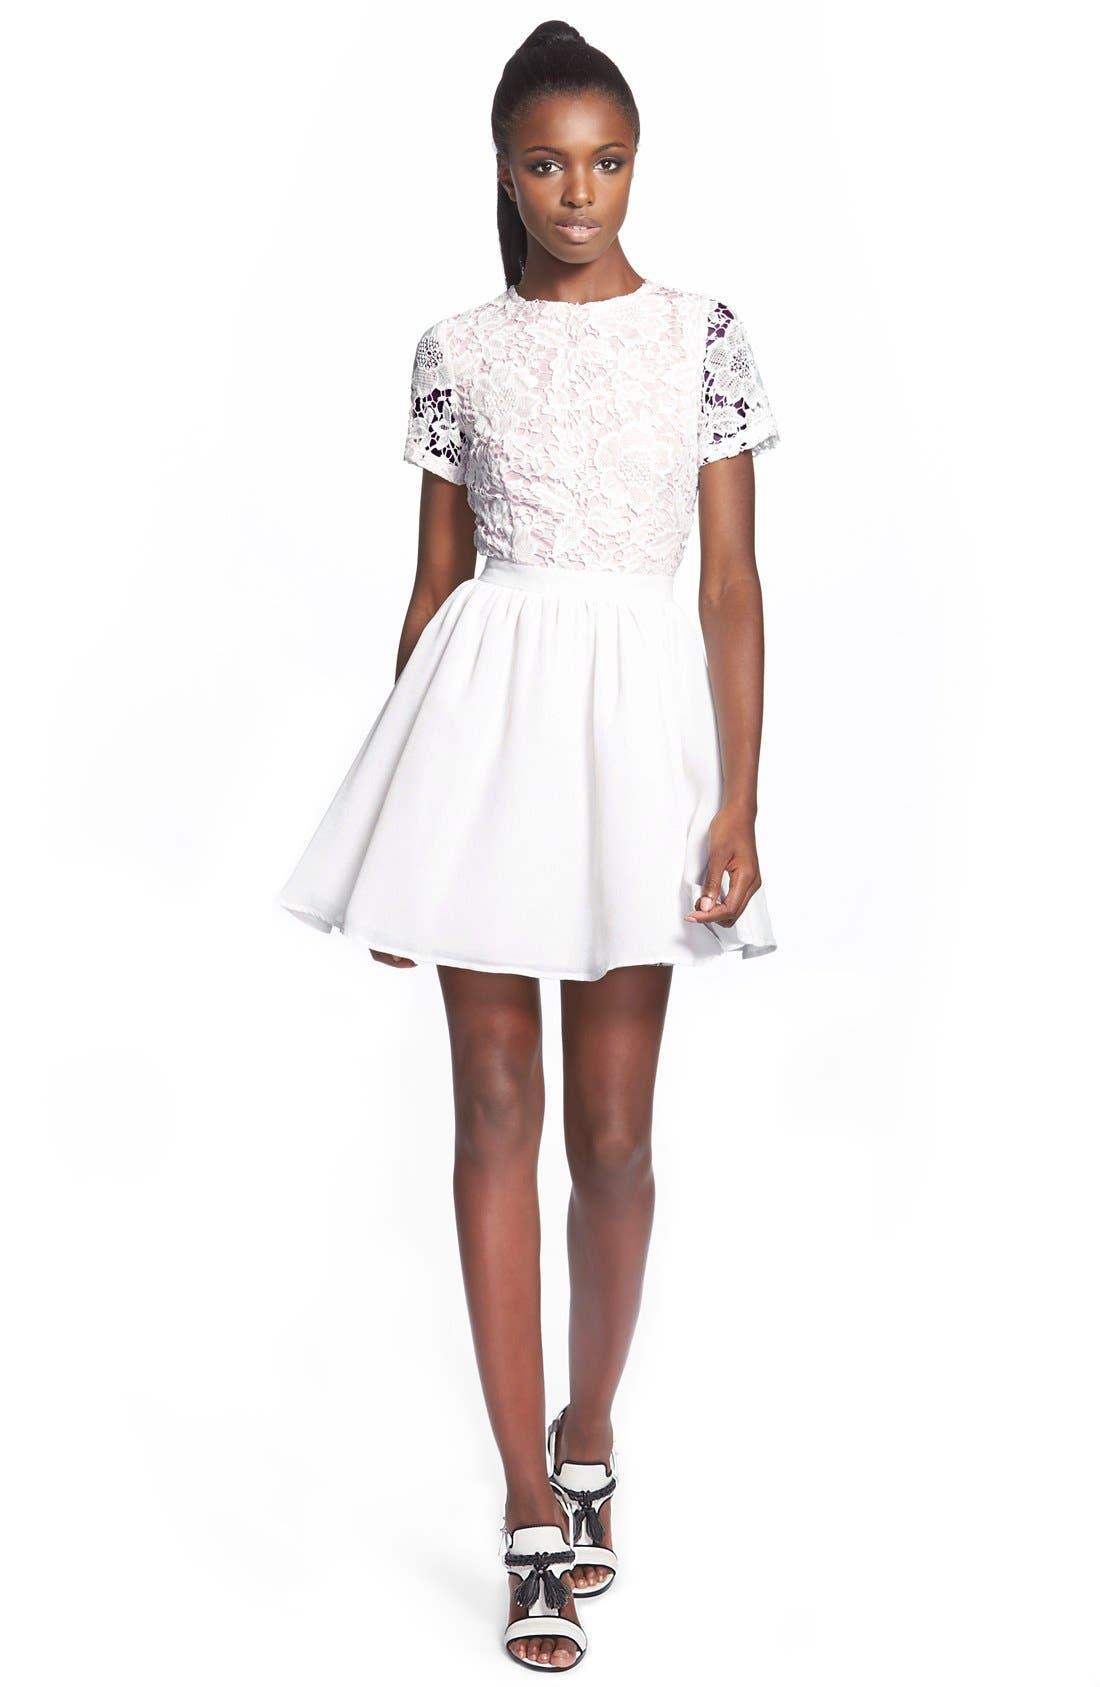 Alternate Image 1 Selected - Missguided Crochet Skater Dress